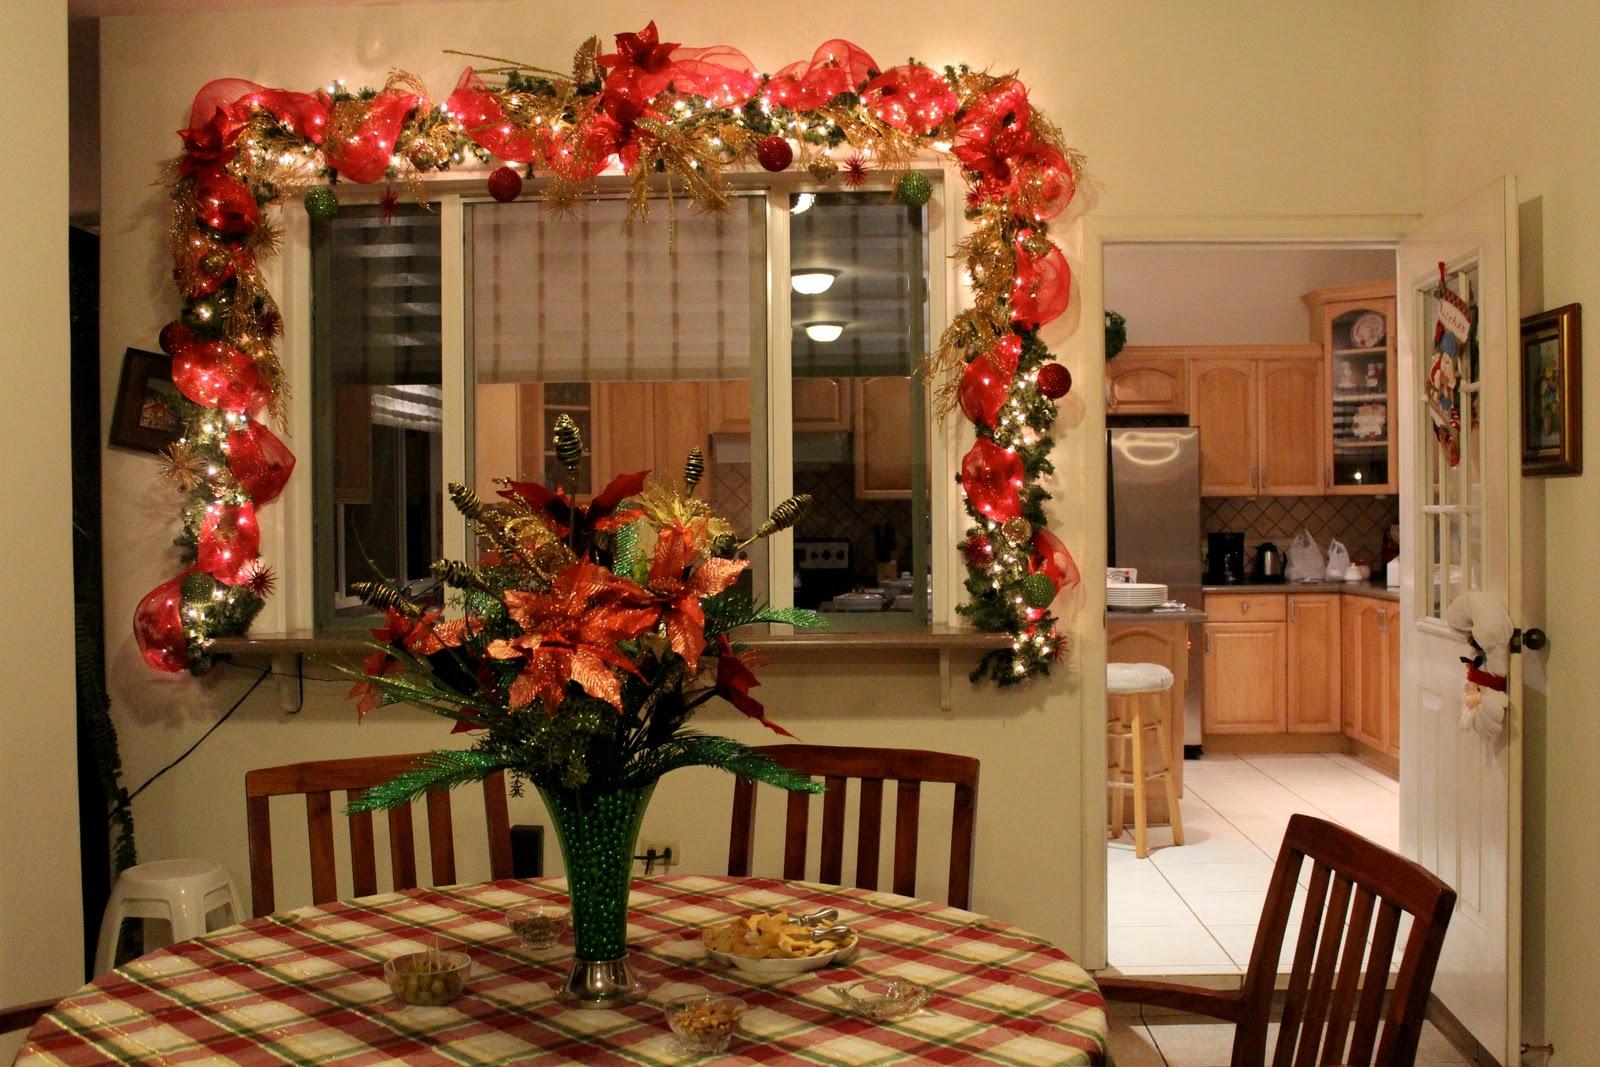 Creaci n punto por punto decoraci n navide a - Decoracion relojes de pared ...